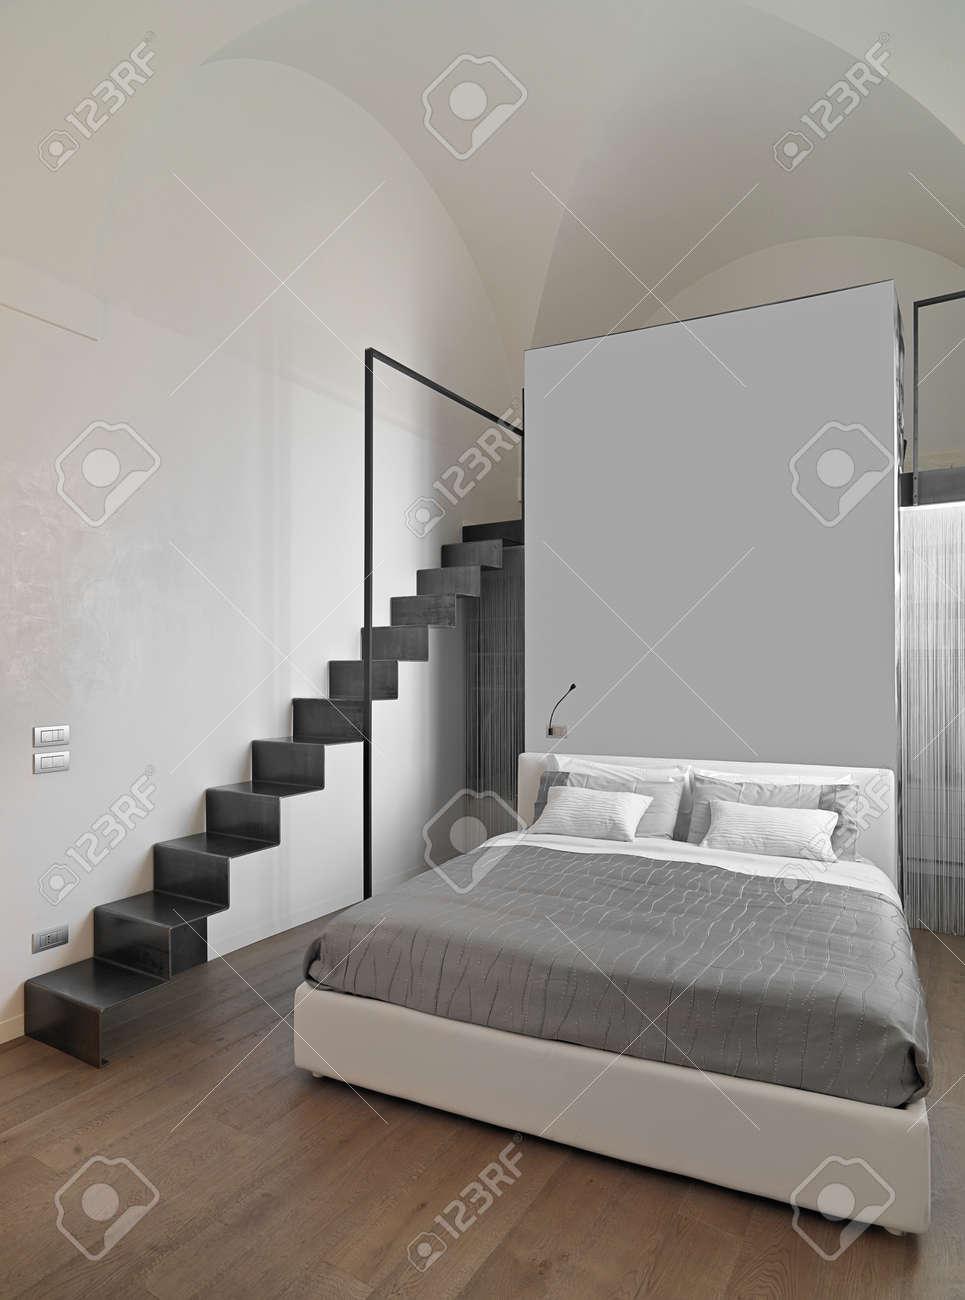 Chambre Moderne Avec Escalier De Fer, Mezzanine Et Plancher De ...